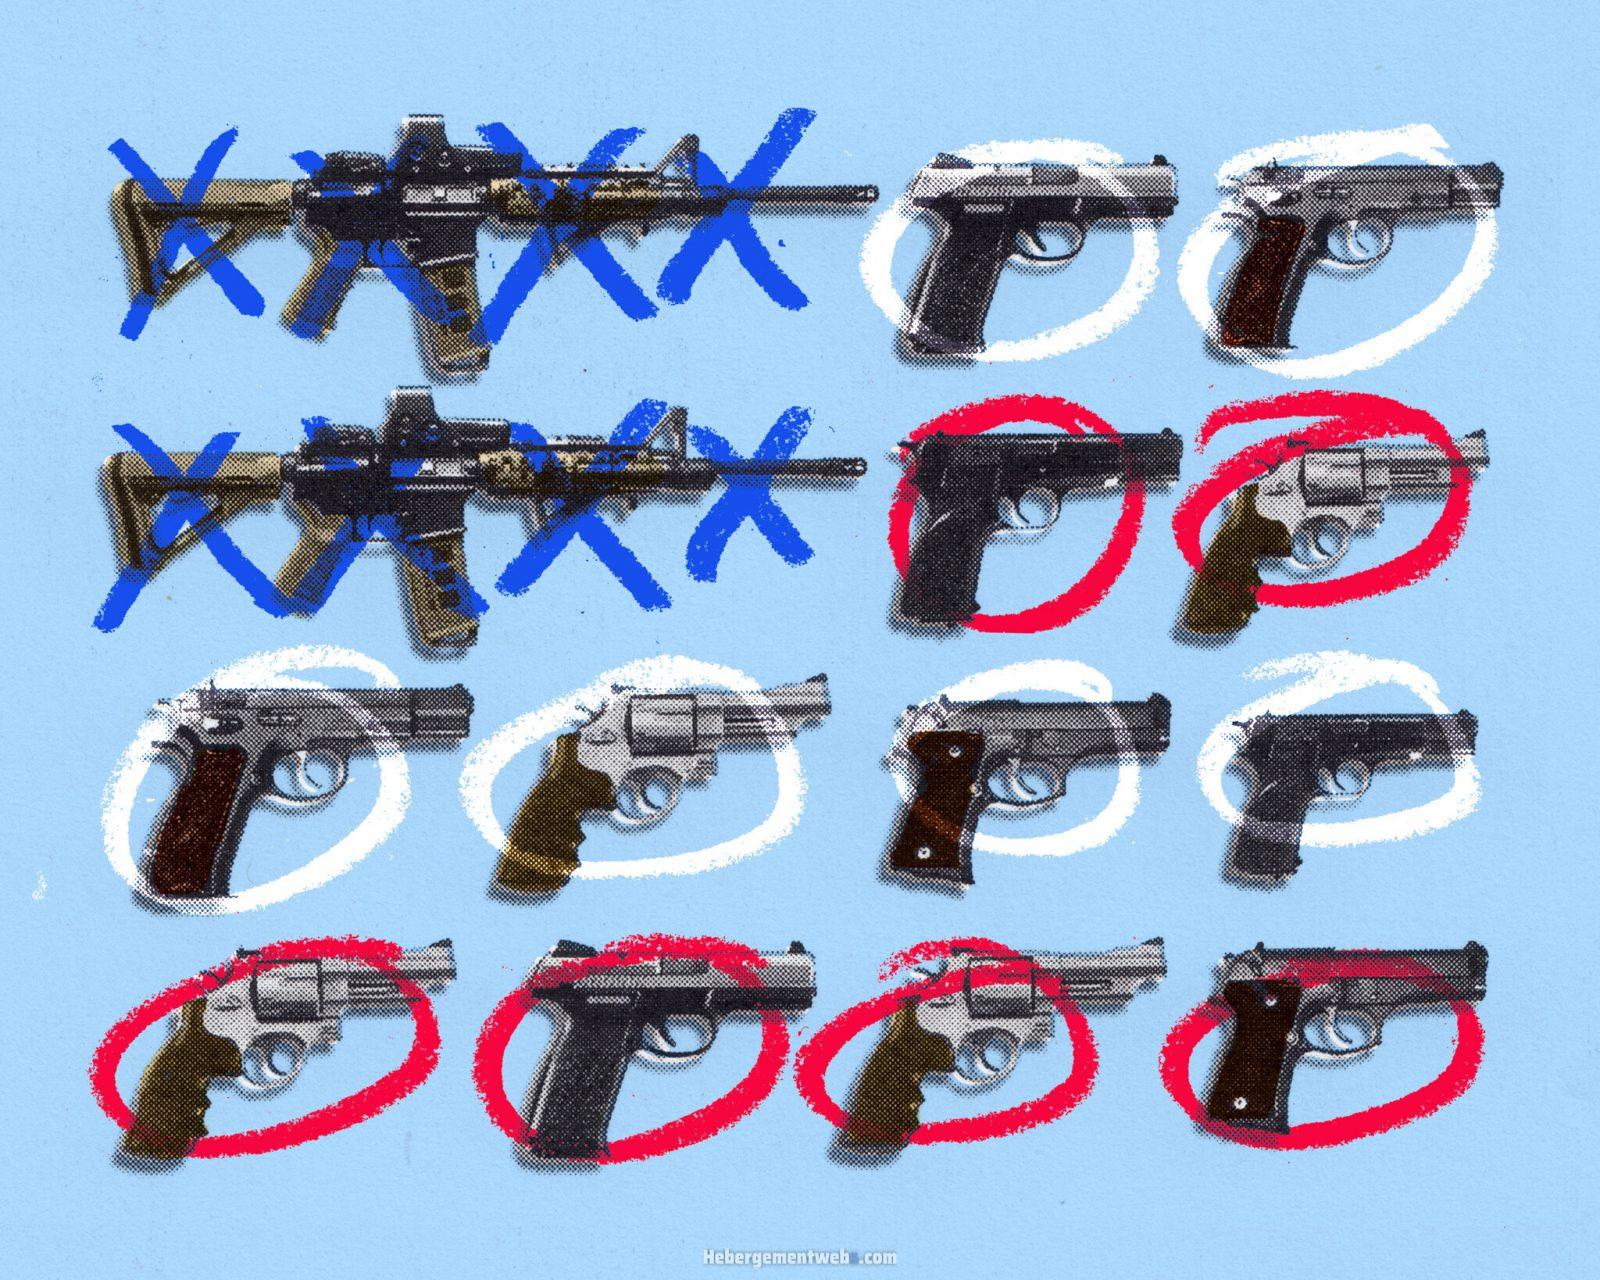 Updates on US Gun Reform Efforts